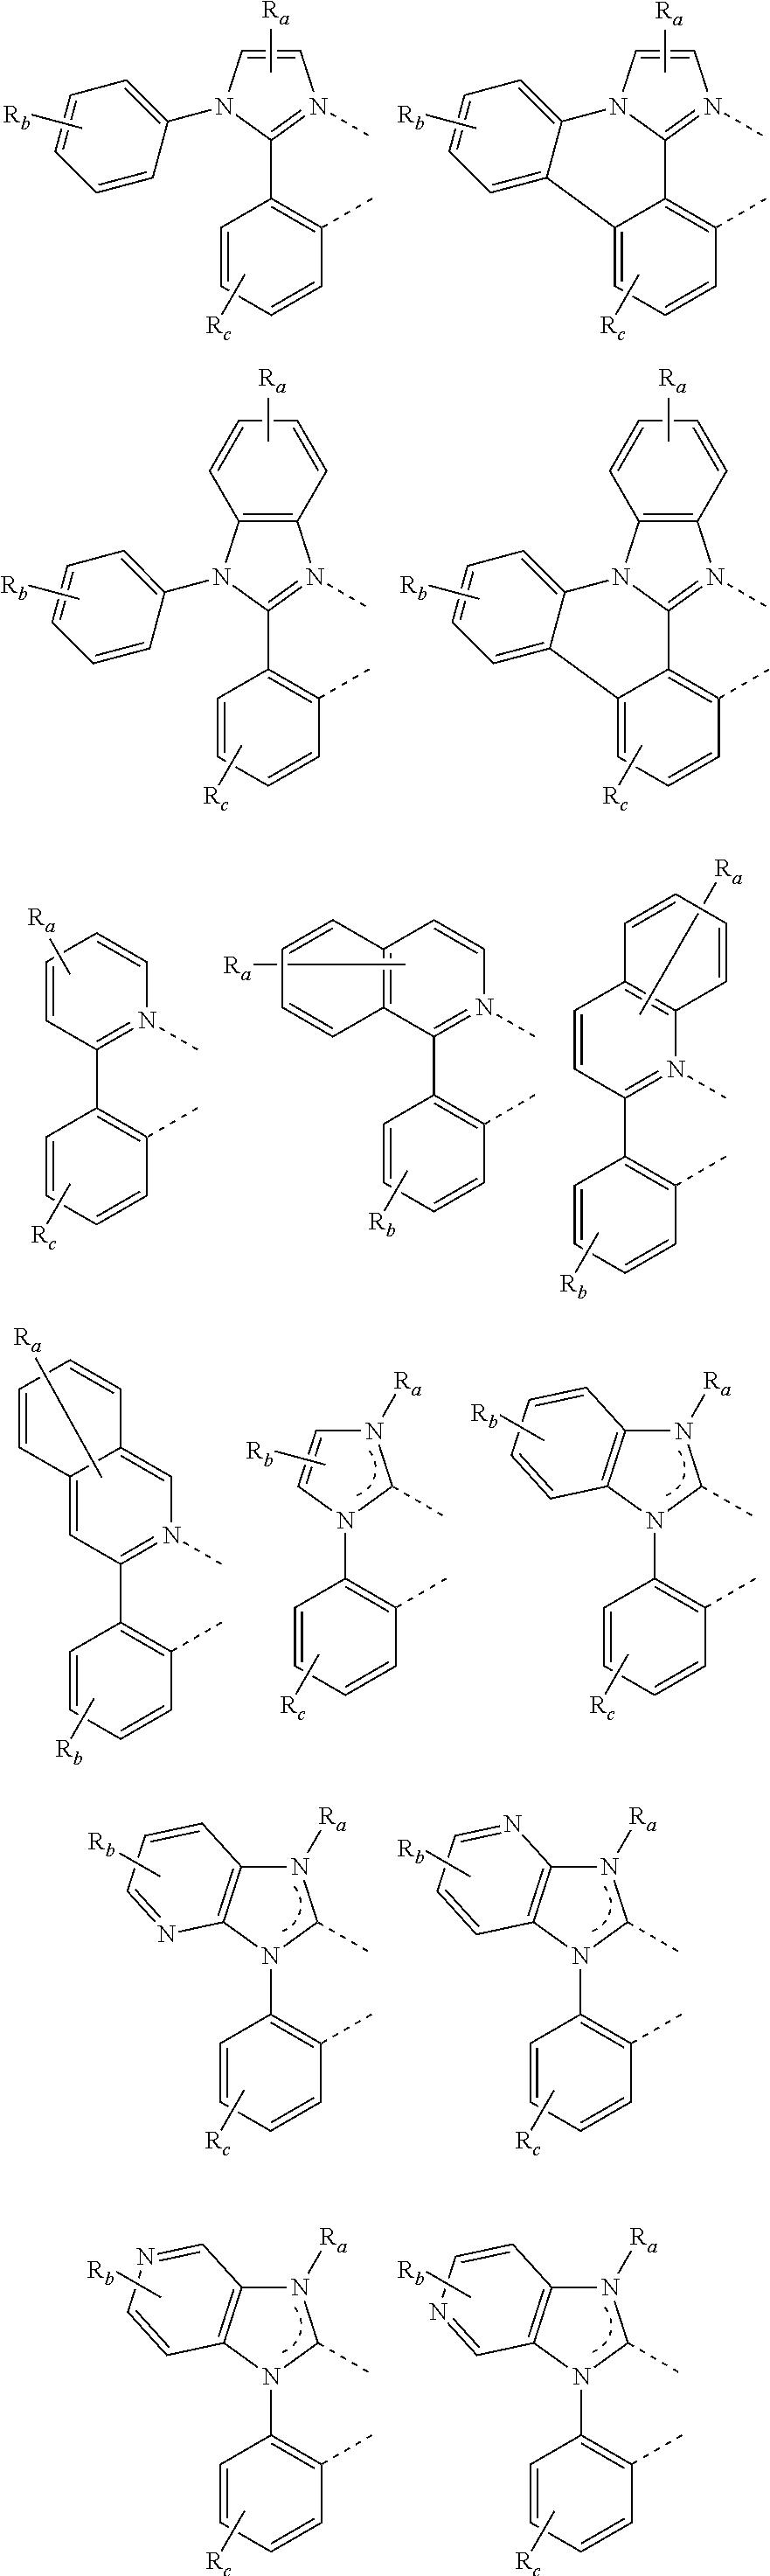 Figure US09972793-20180515-C00028